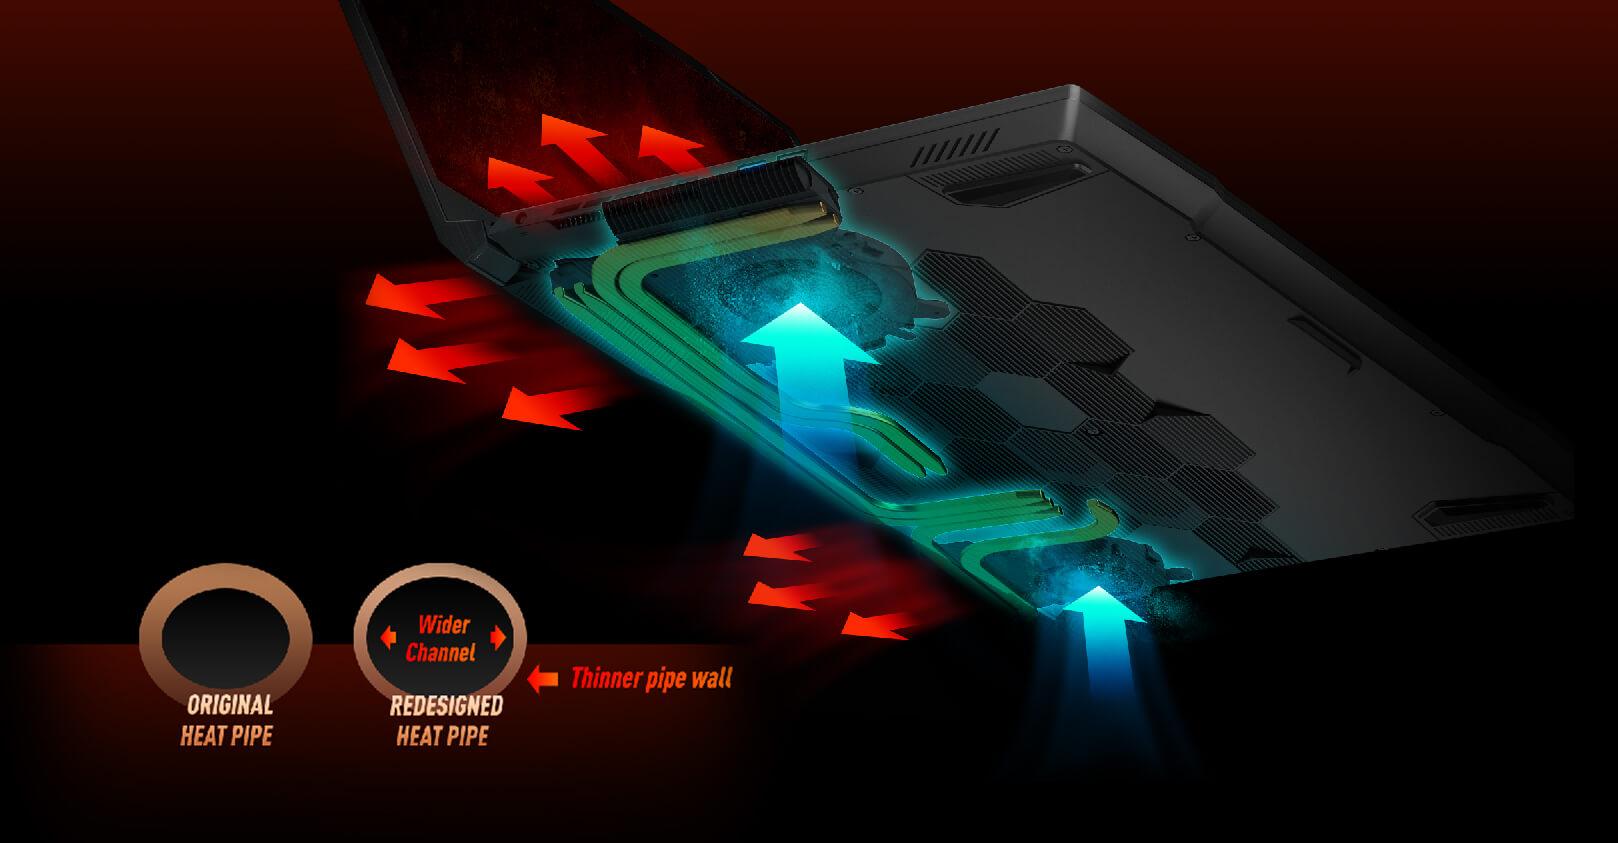 Katana GF76 Cooler                                                 boost 5